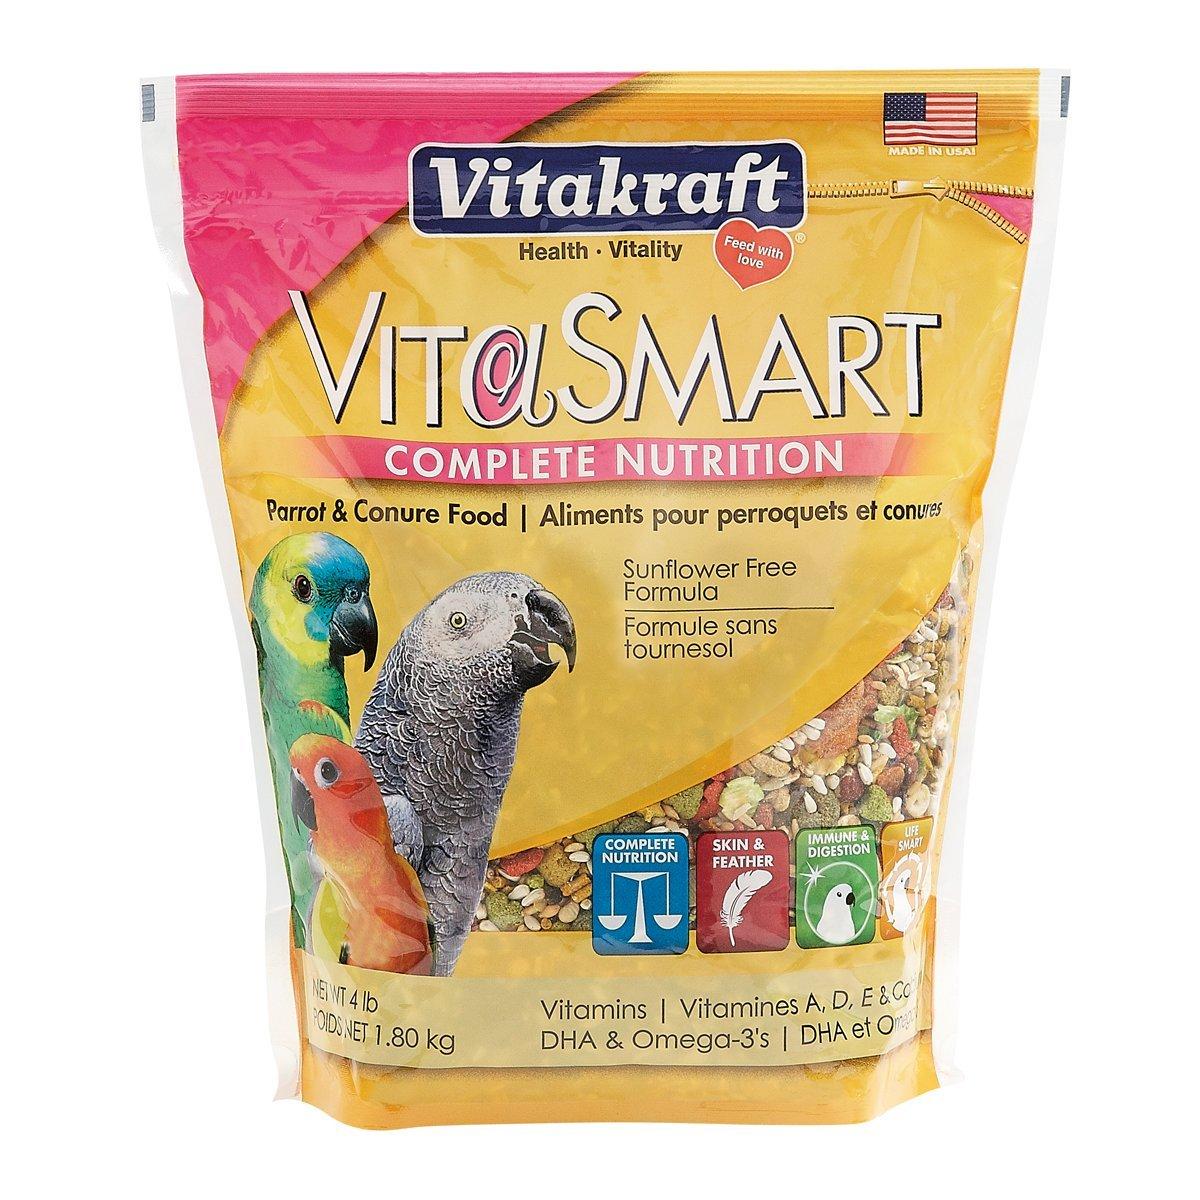 Vitakraft Vitasmart Parrot & Conure Food - Sunflower Free Formula, 4 Lb. by Vitakraft